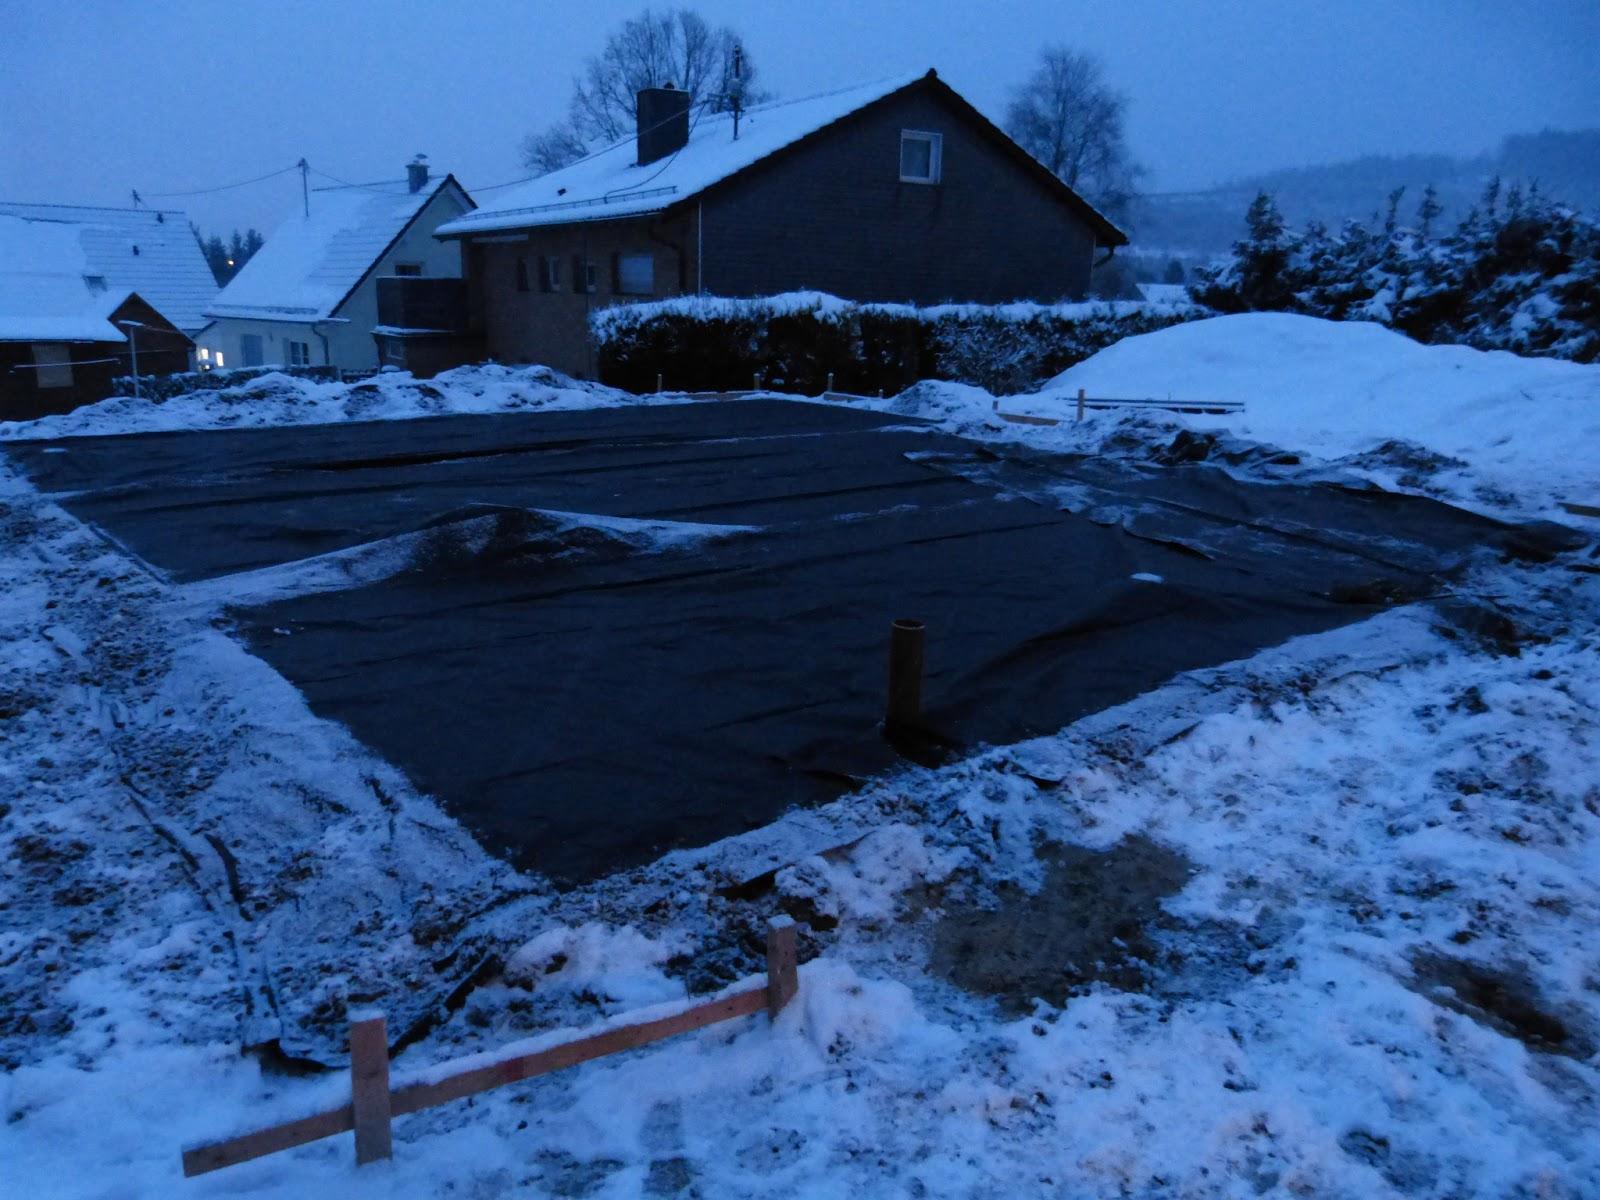 Miriam Und Daniel Bauen Eine Decke Fur Die Bodenplatte